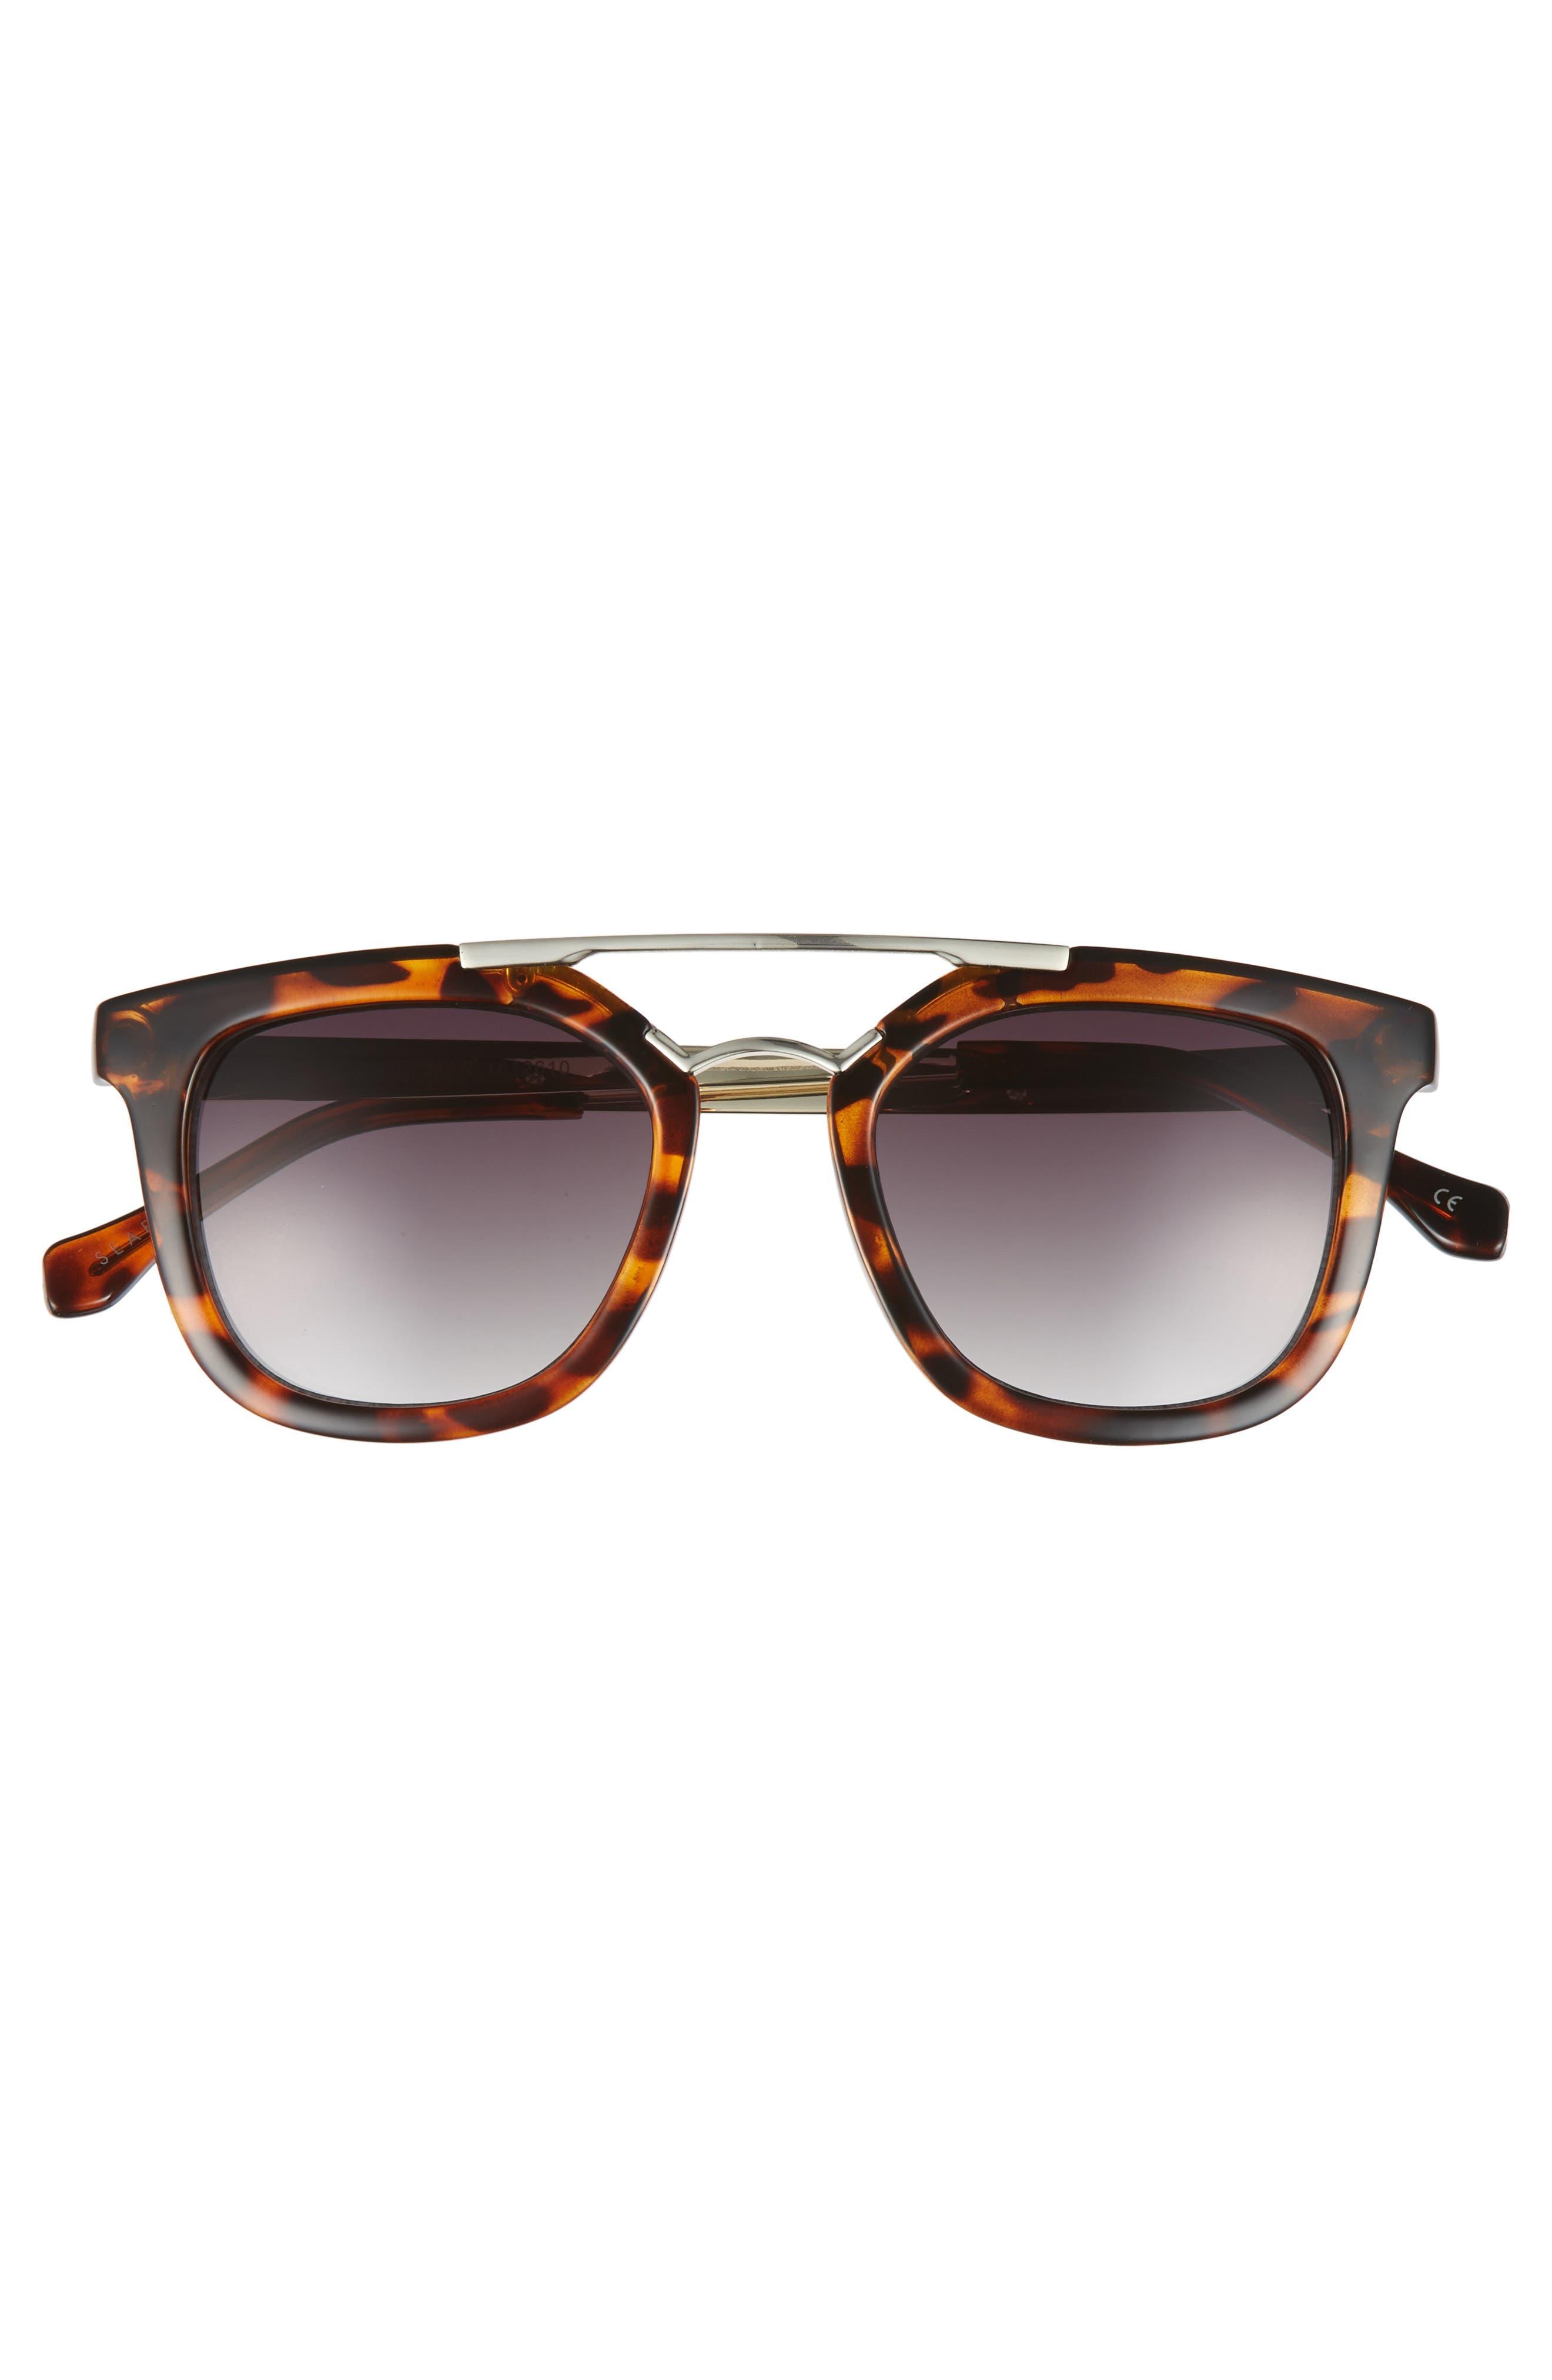 Del Mar 49mm Tortiseshell Aviator Sunglasses,                             Alternate thumbnail 3, color,                             DARK TORT